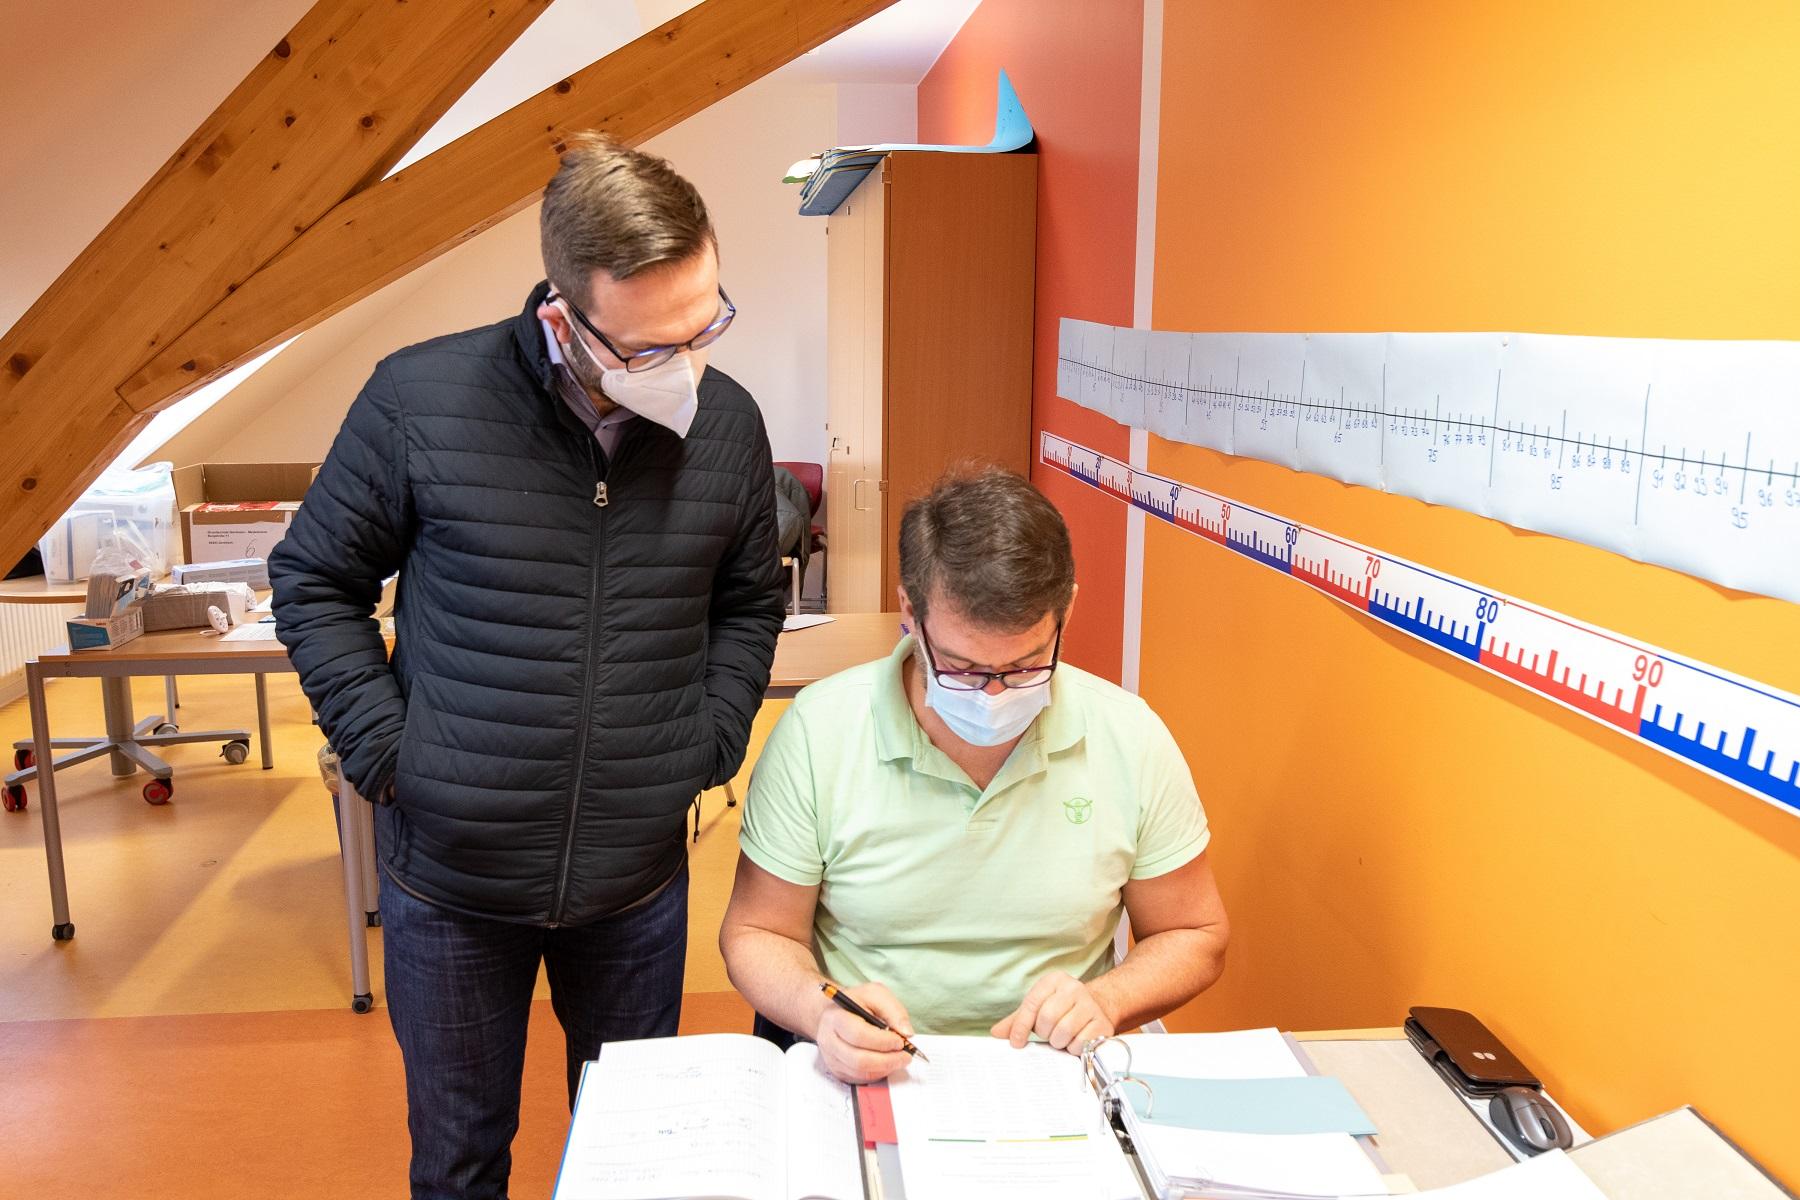 Mitarbeiter der Gemeinde bereiten die Schüler- und Lehrertests vor. Quelle: Gemeinde Gersheim